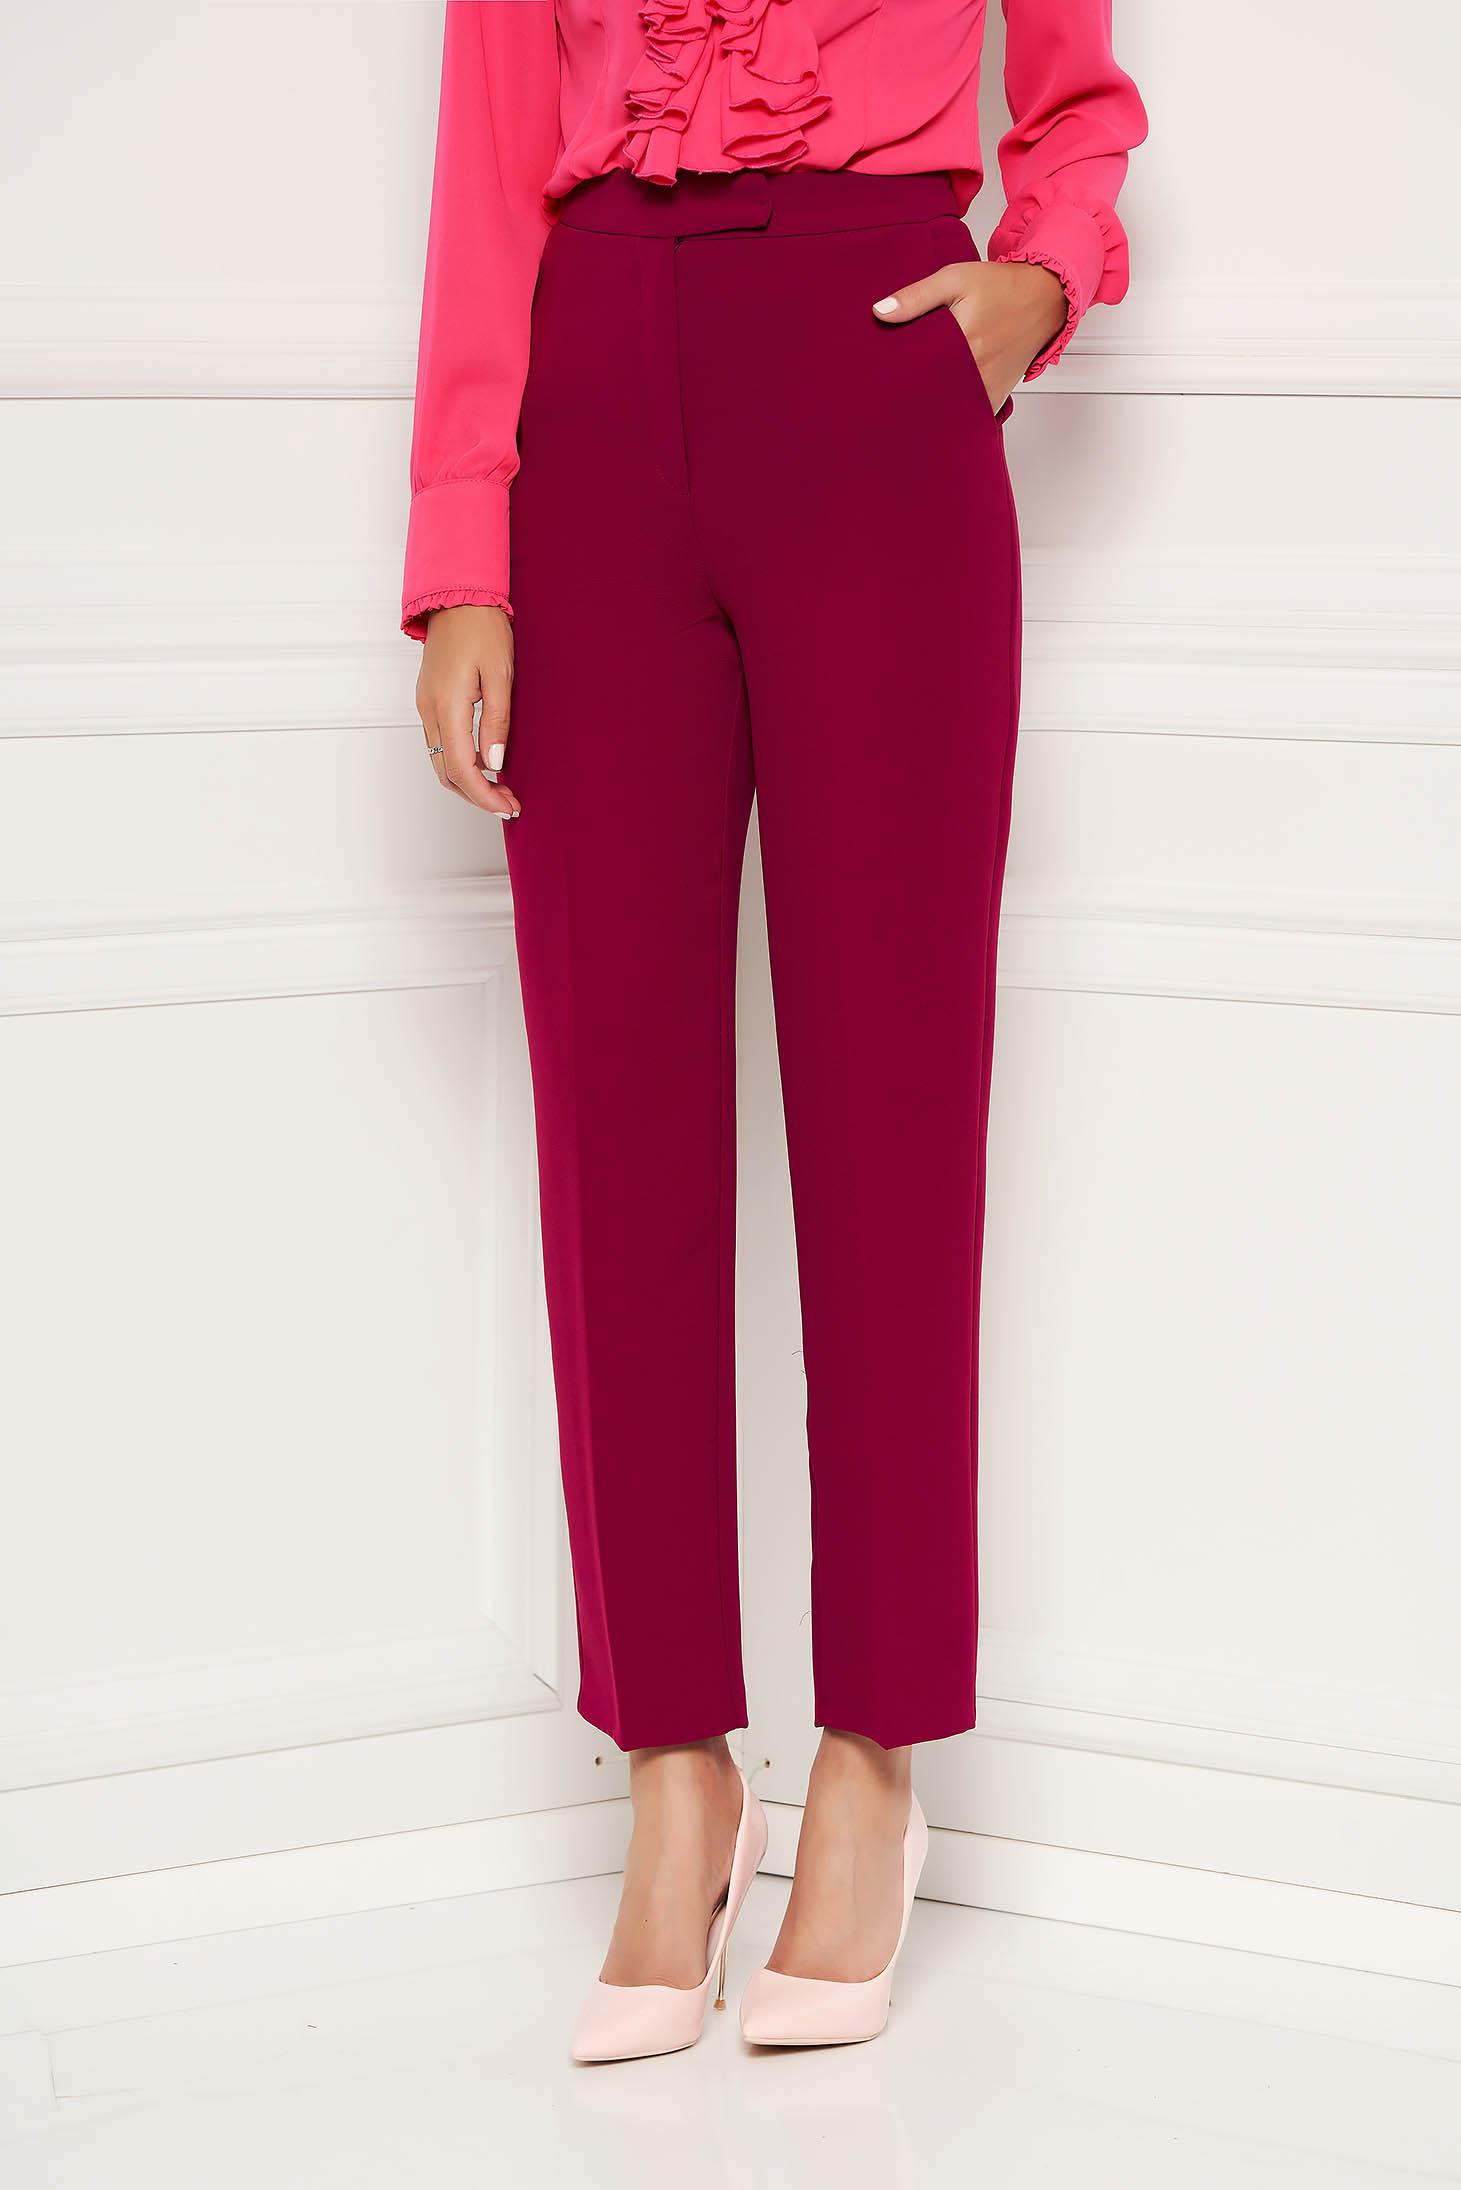 Pantaloni SunShine fuchsia cu un croi drept eleganti cu buzunare si talie medie